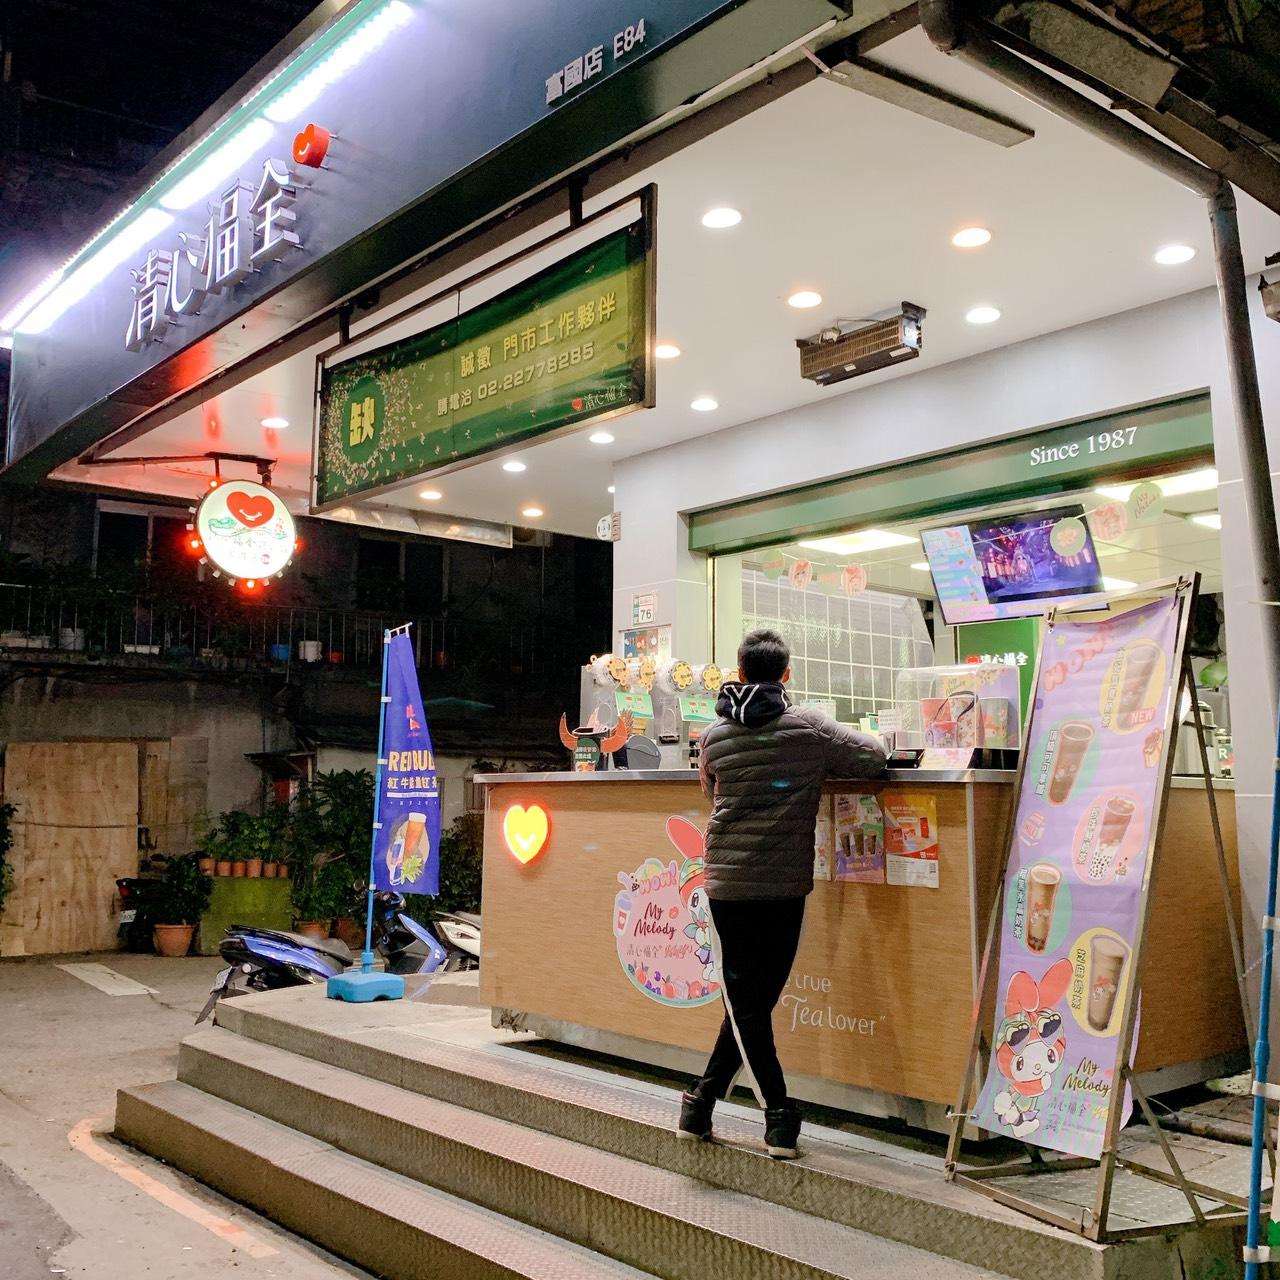 飲料店,新莊 飲料店,24小時飲料店,新莊 24小時飲料店,半夜 飲料,半夜飲料店